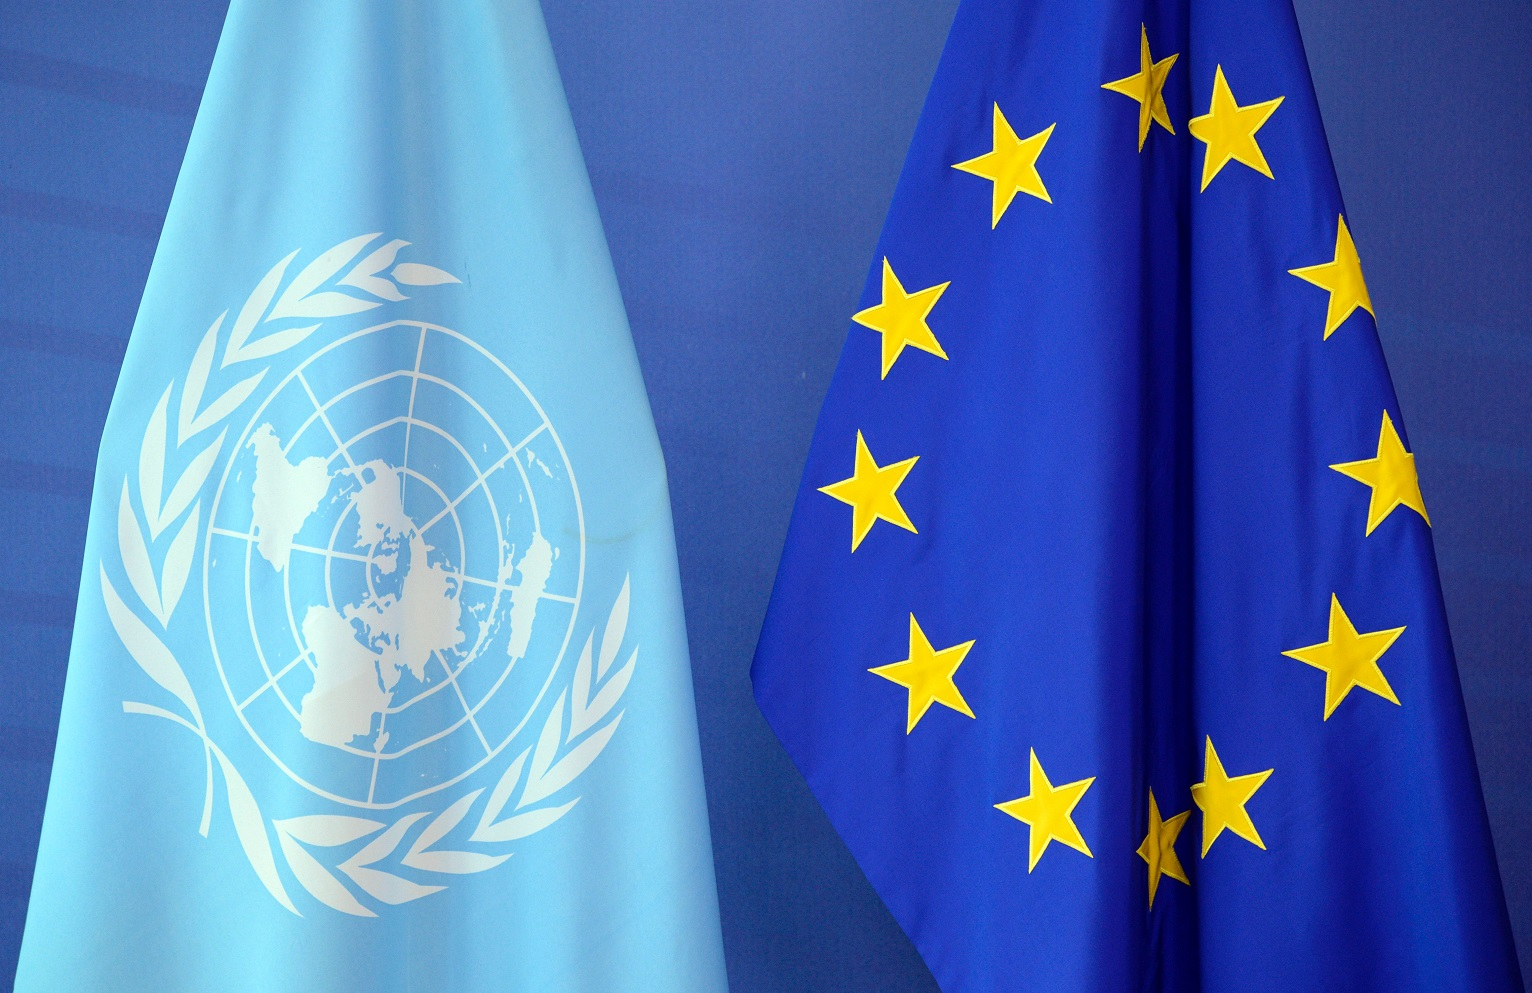 ONU-și-UE-unite-în-condamnarea-alegerilor-prezidențiale-ruse-pe-teritoriul-ocupat-în-2014